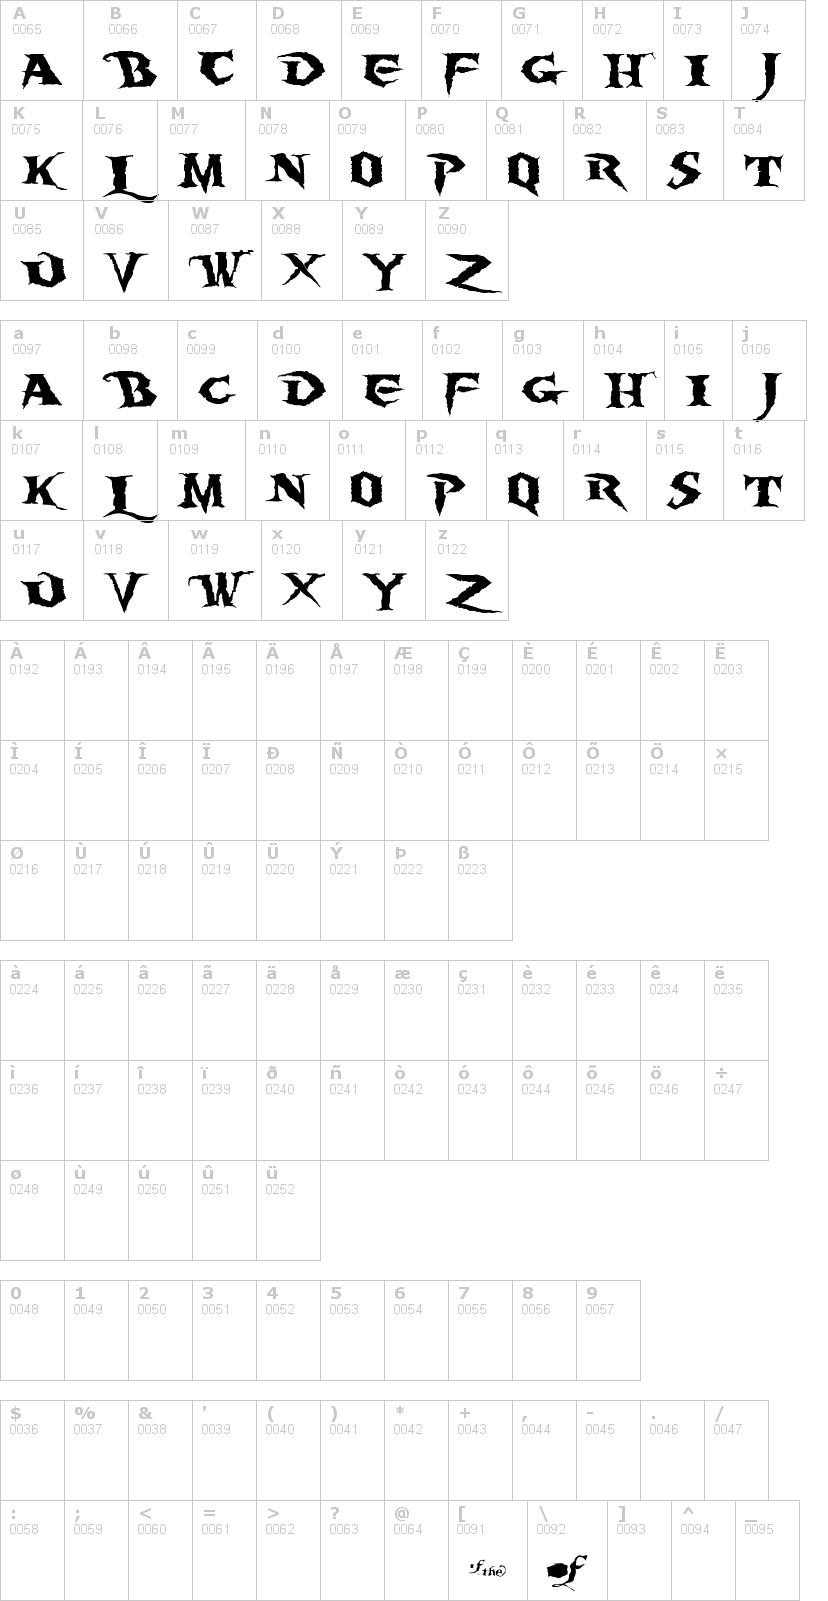 Lettere dell'alfabeto del font burning-wrath con le quali è possibile realizzare adesivi prespaziati